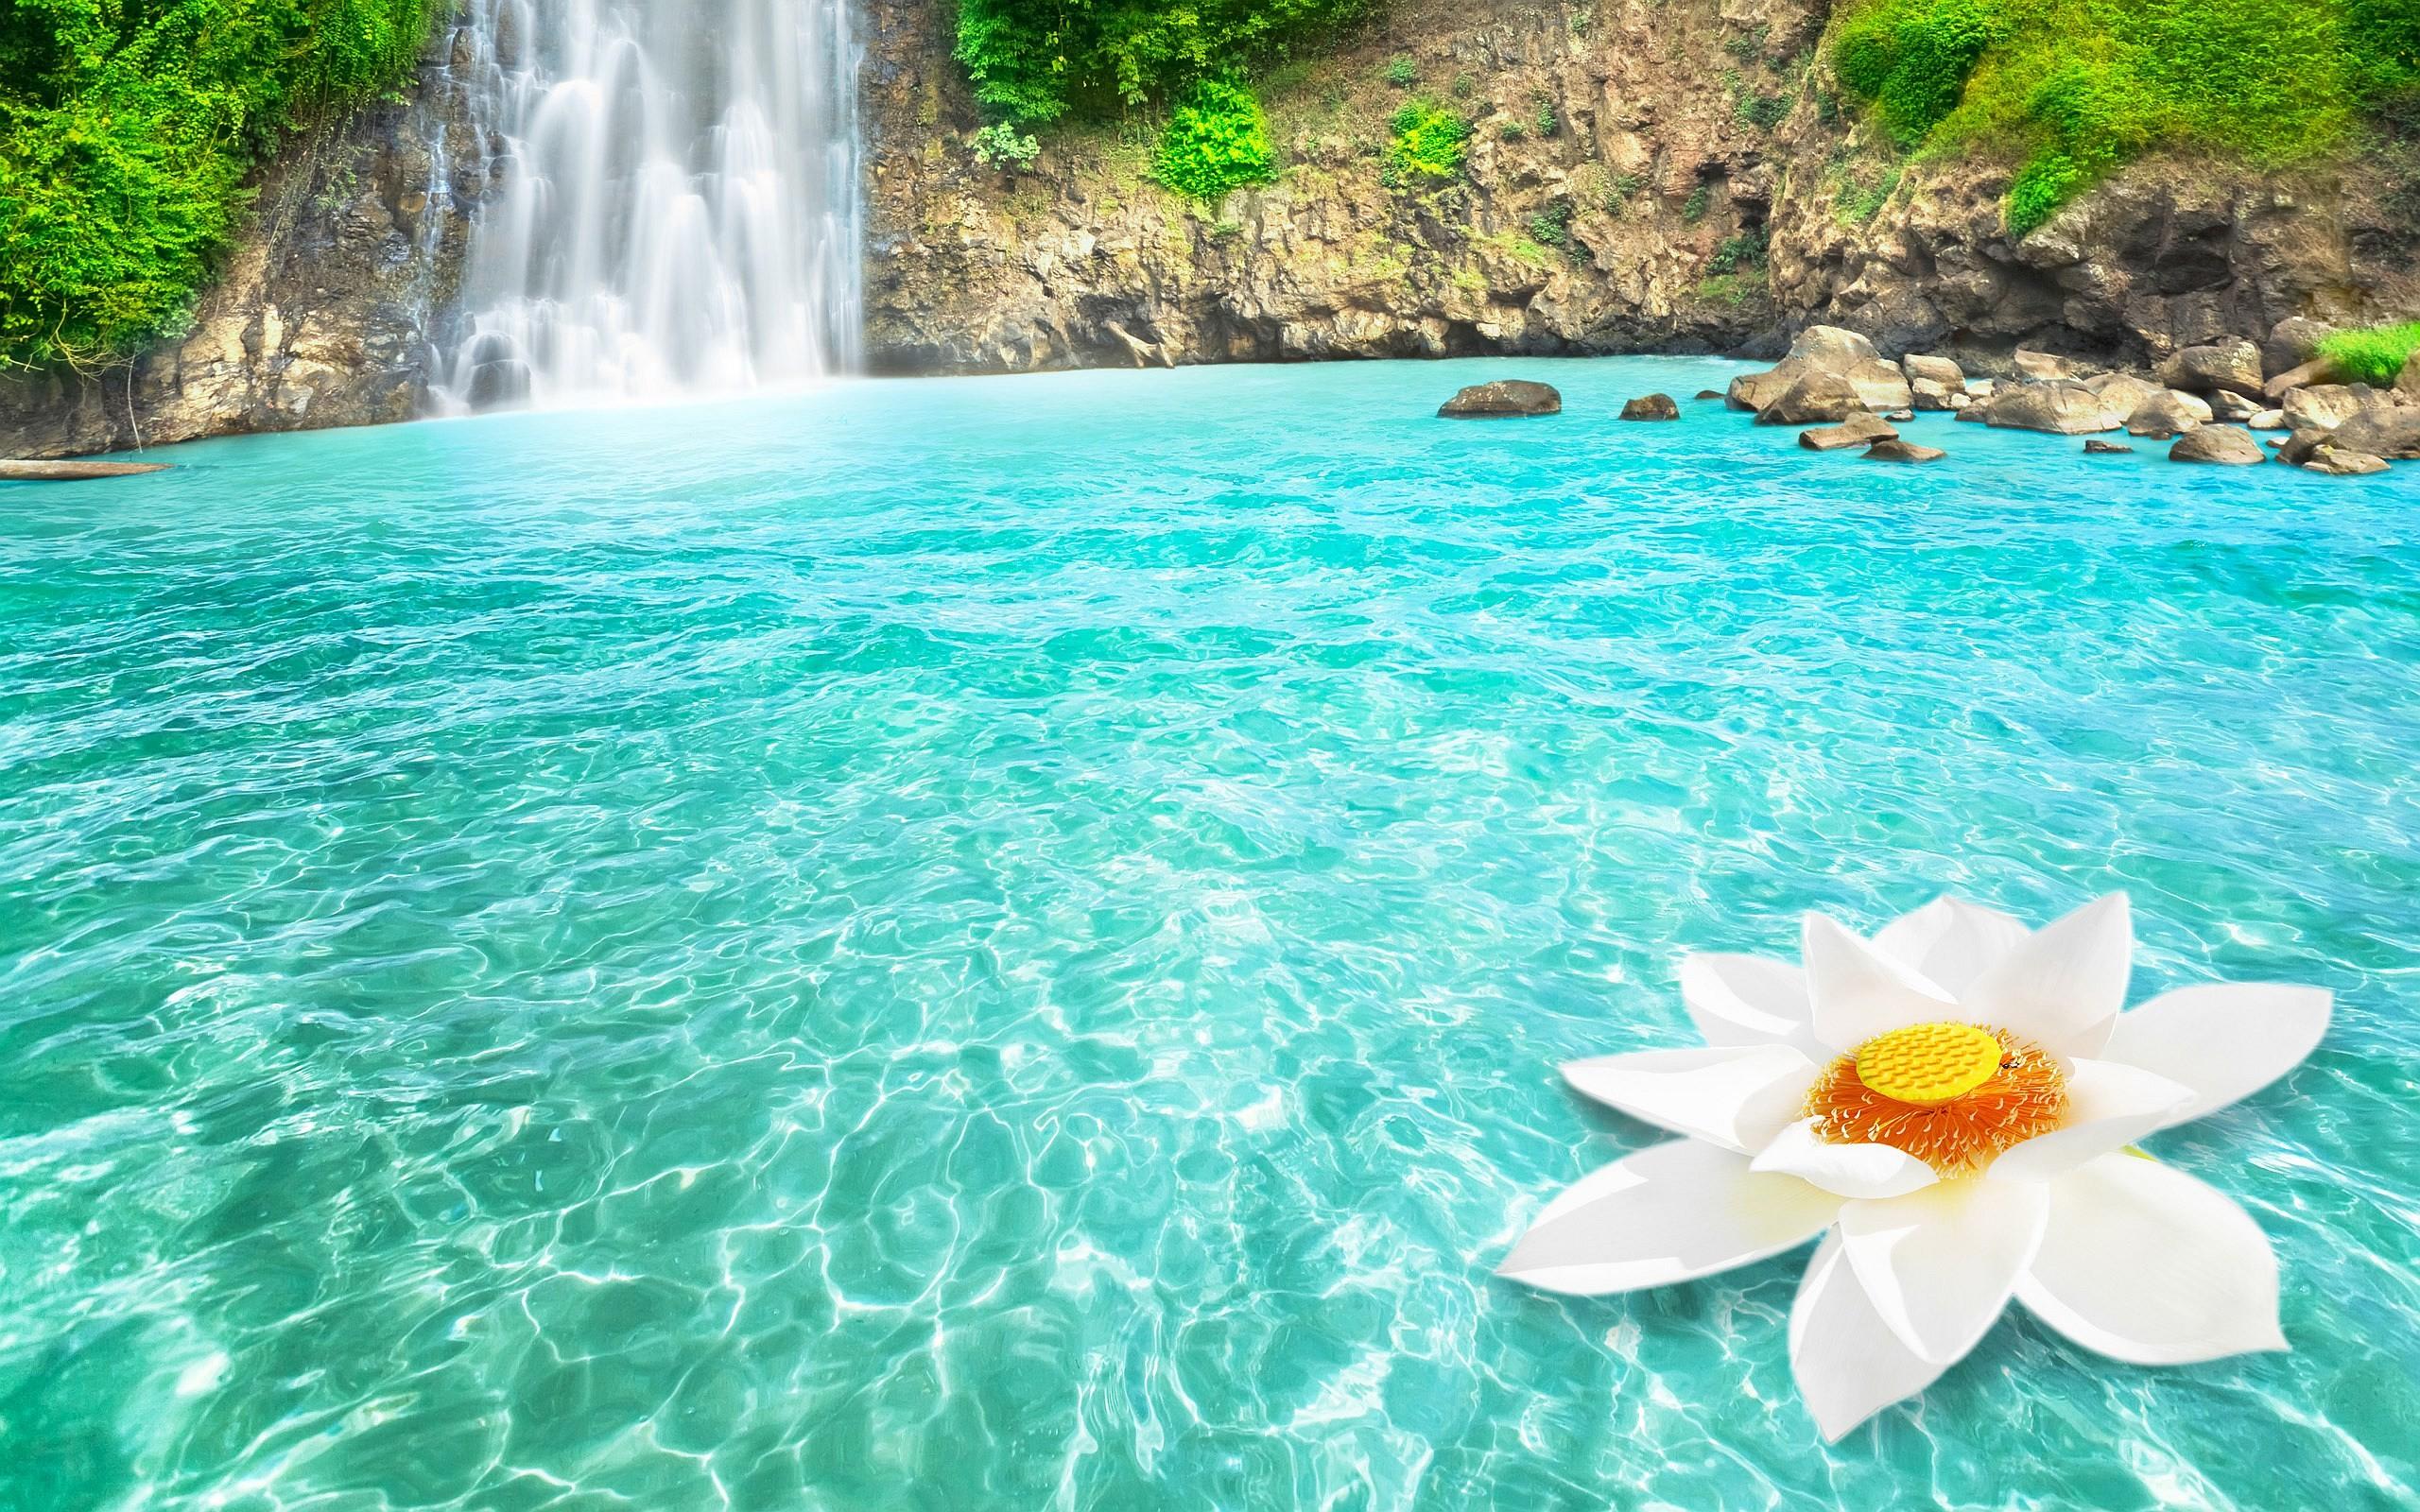 Ảnh thác nước đẹp